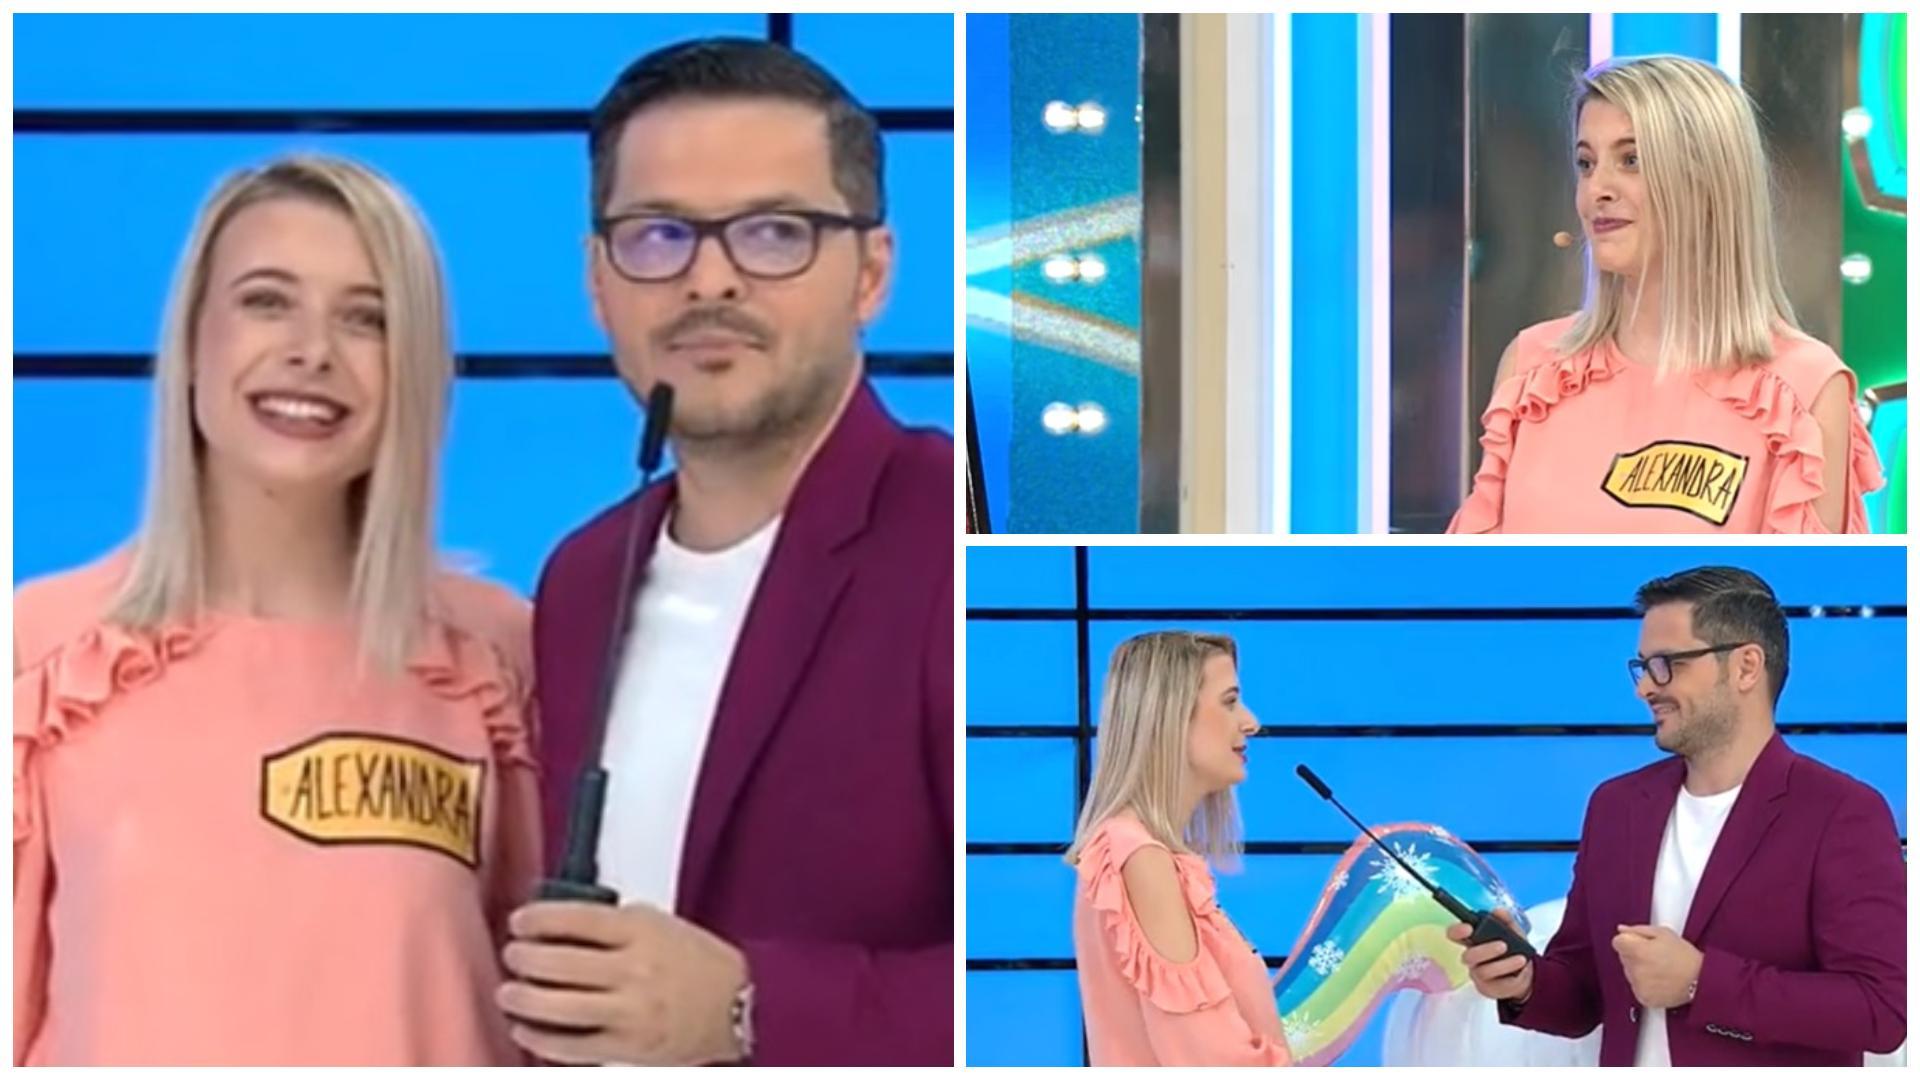 Prețul cel bun, 25 octombrie 2021. Alexandra este biolog și l-a impresionat pe Liviu Vârciu cu dezvăluirile sale. Ce a câștigat